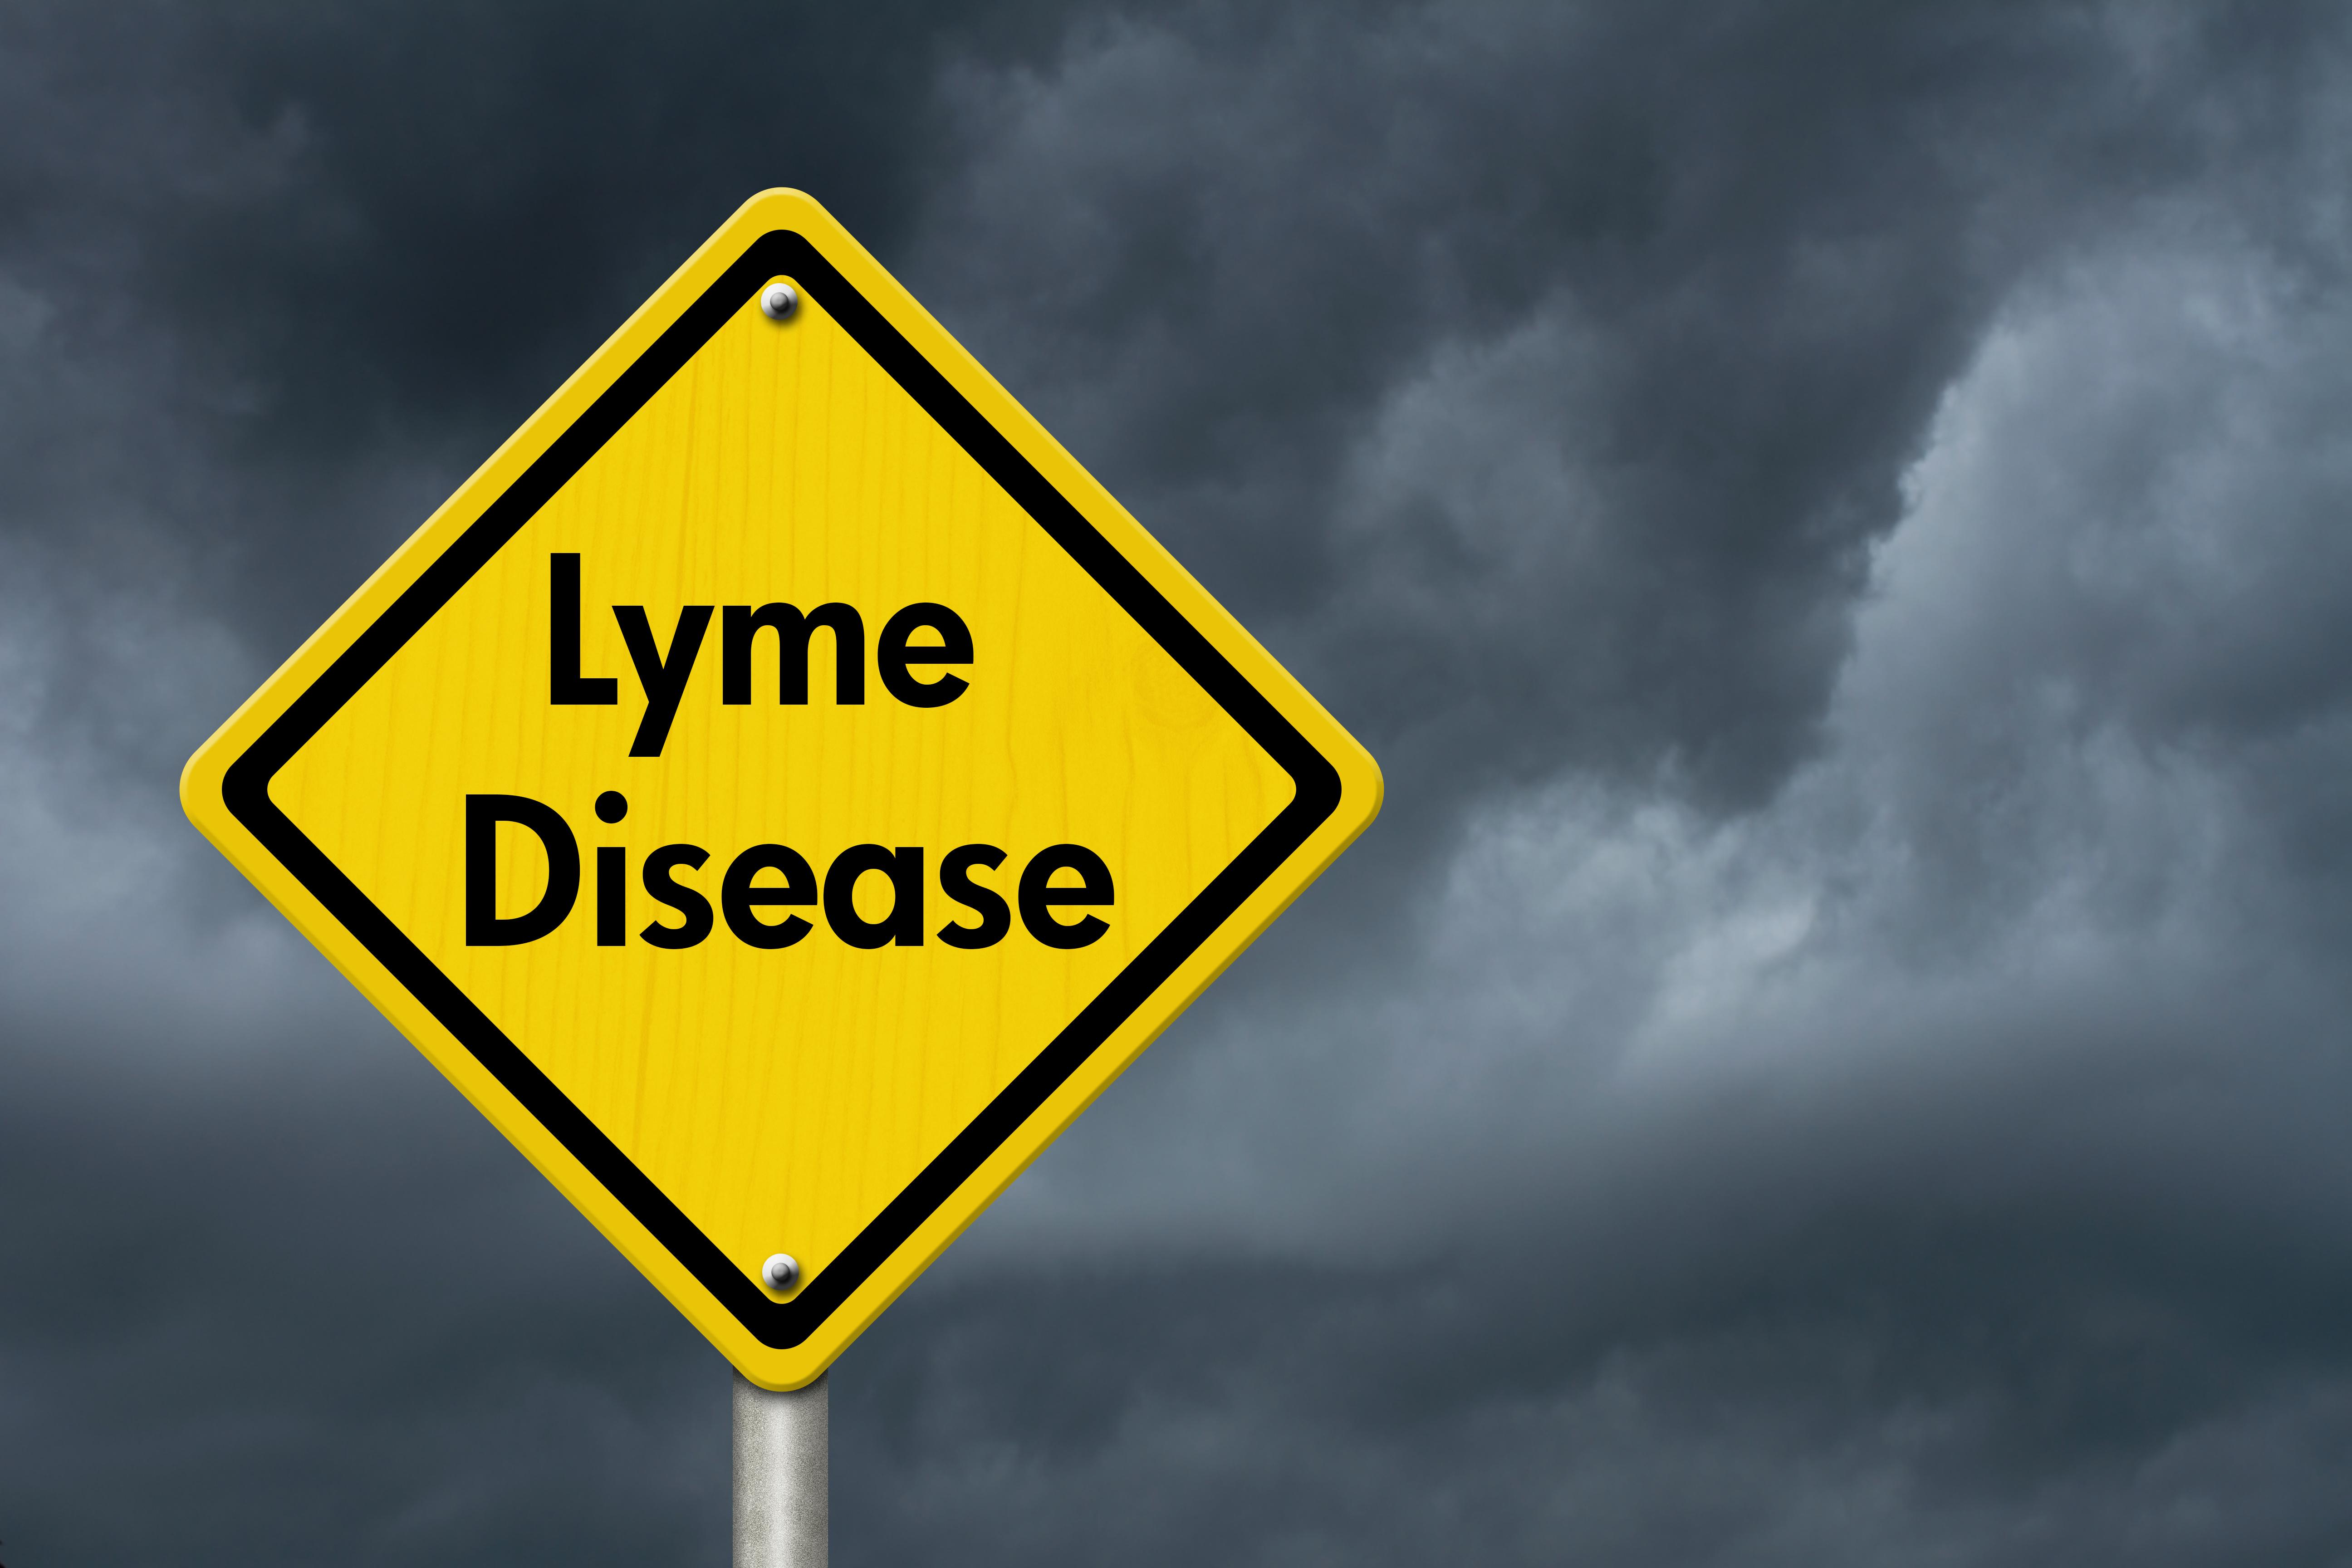 Lyme disease warning